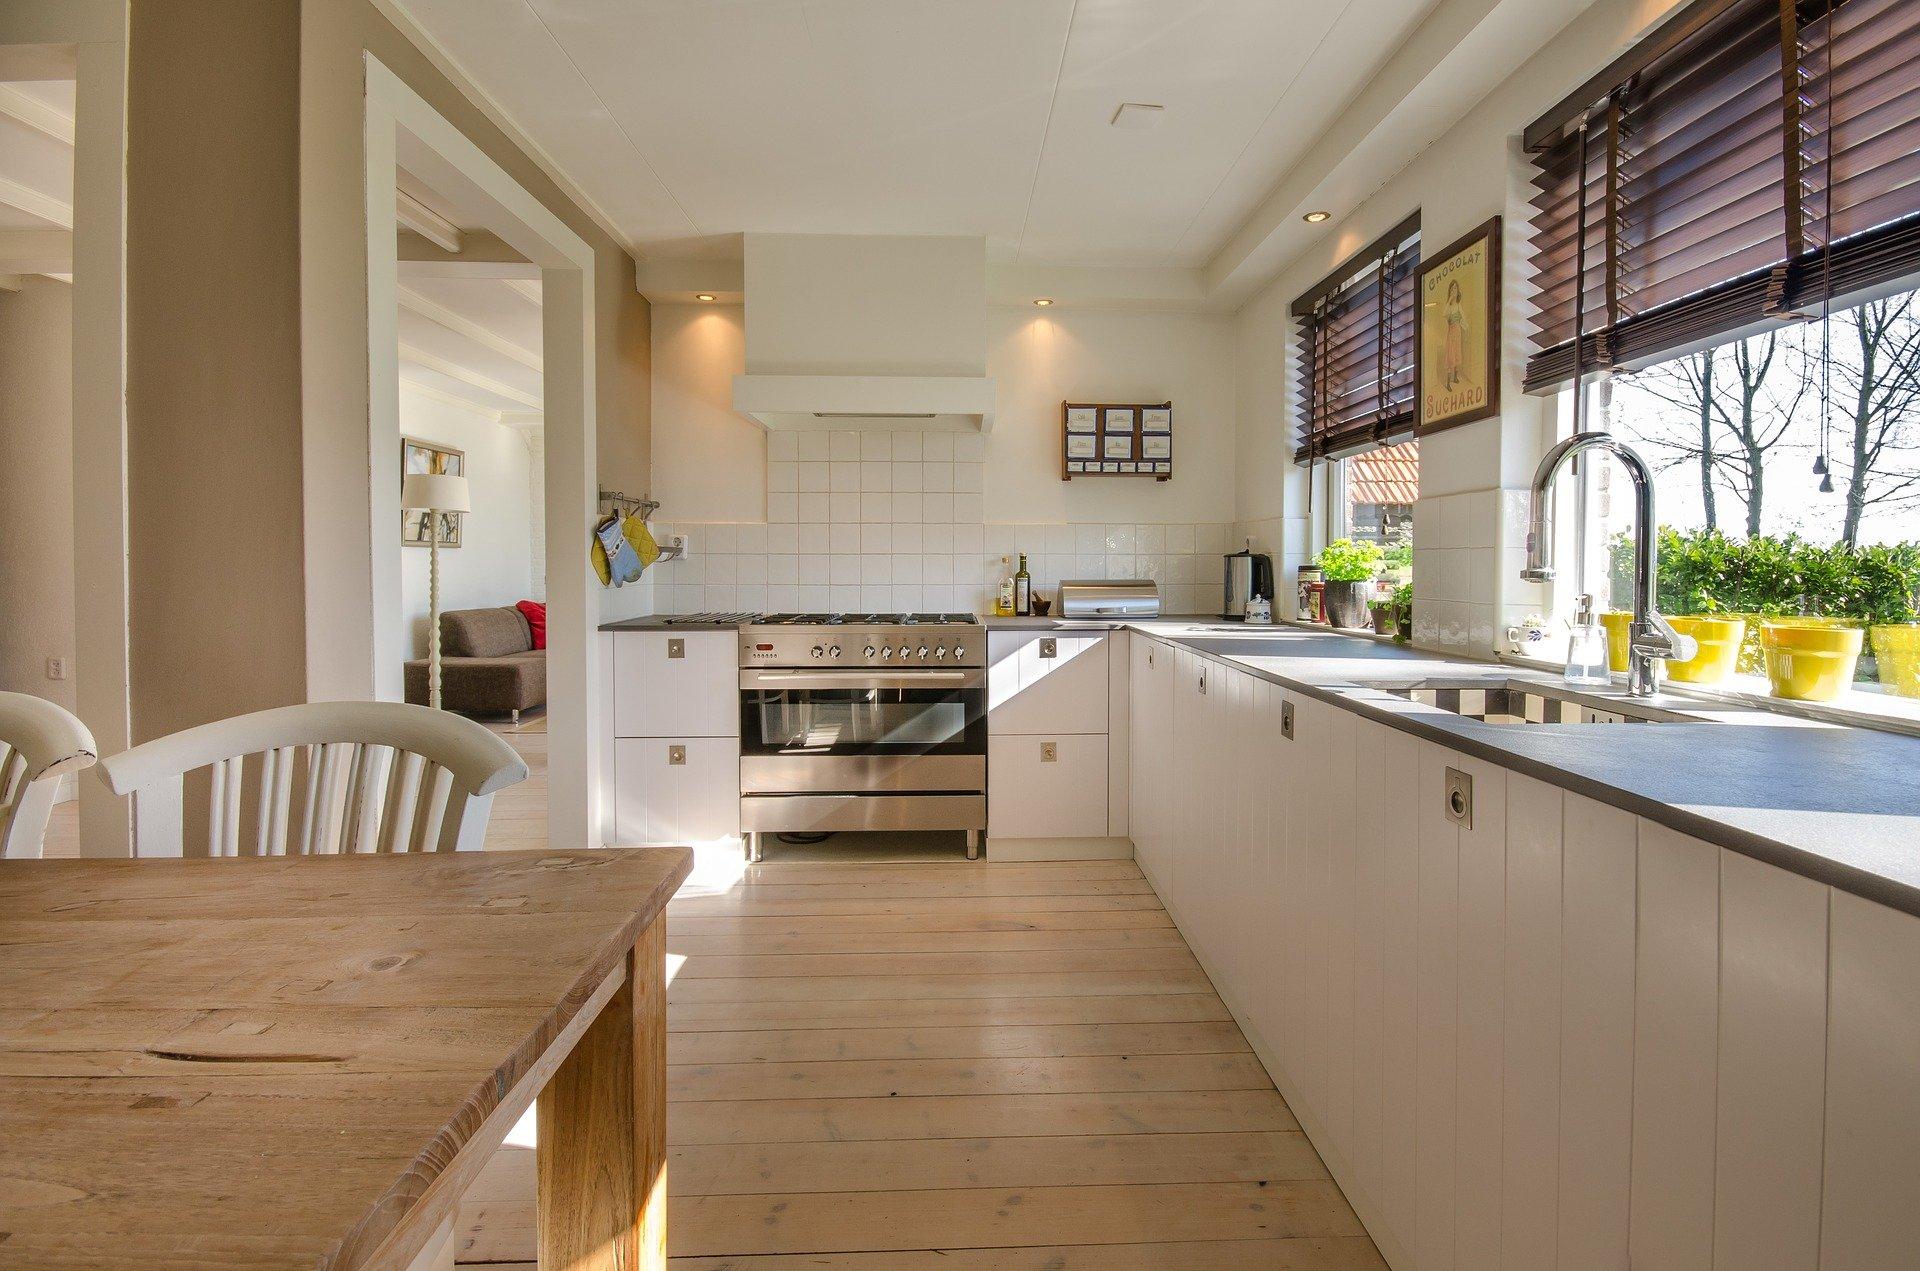 Une cuisine pratique et moderne